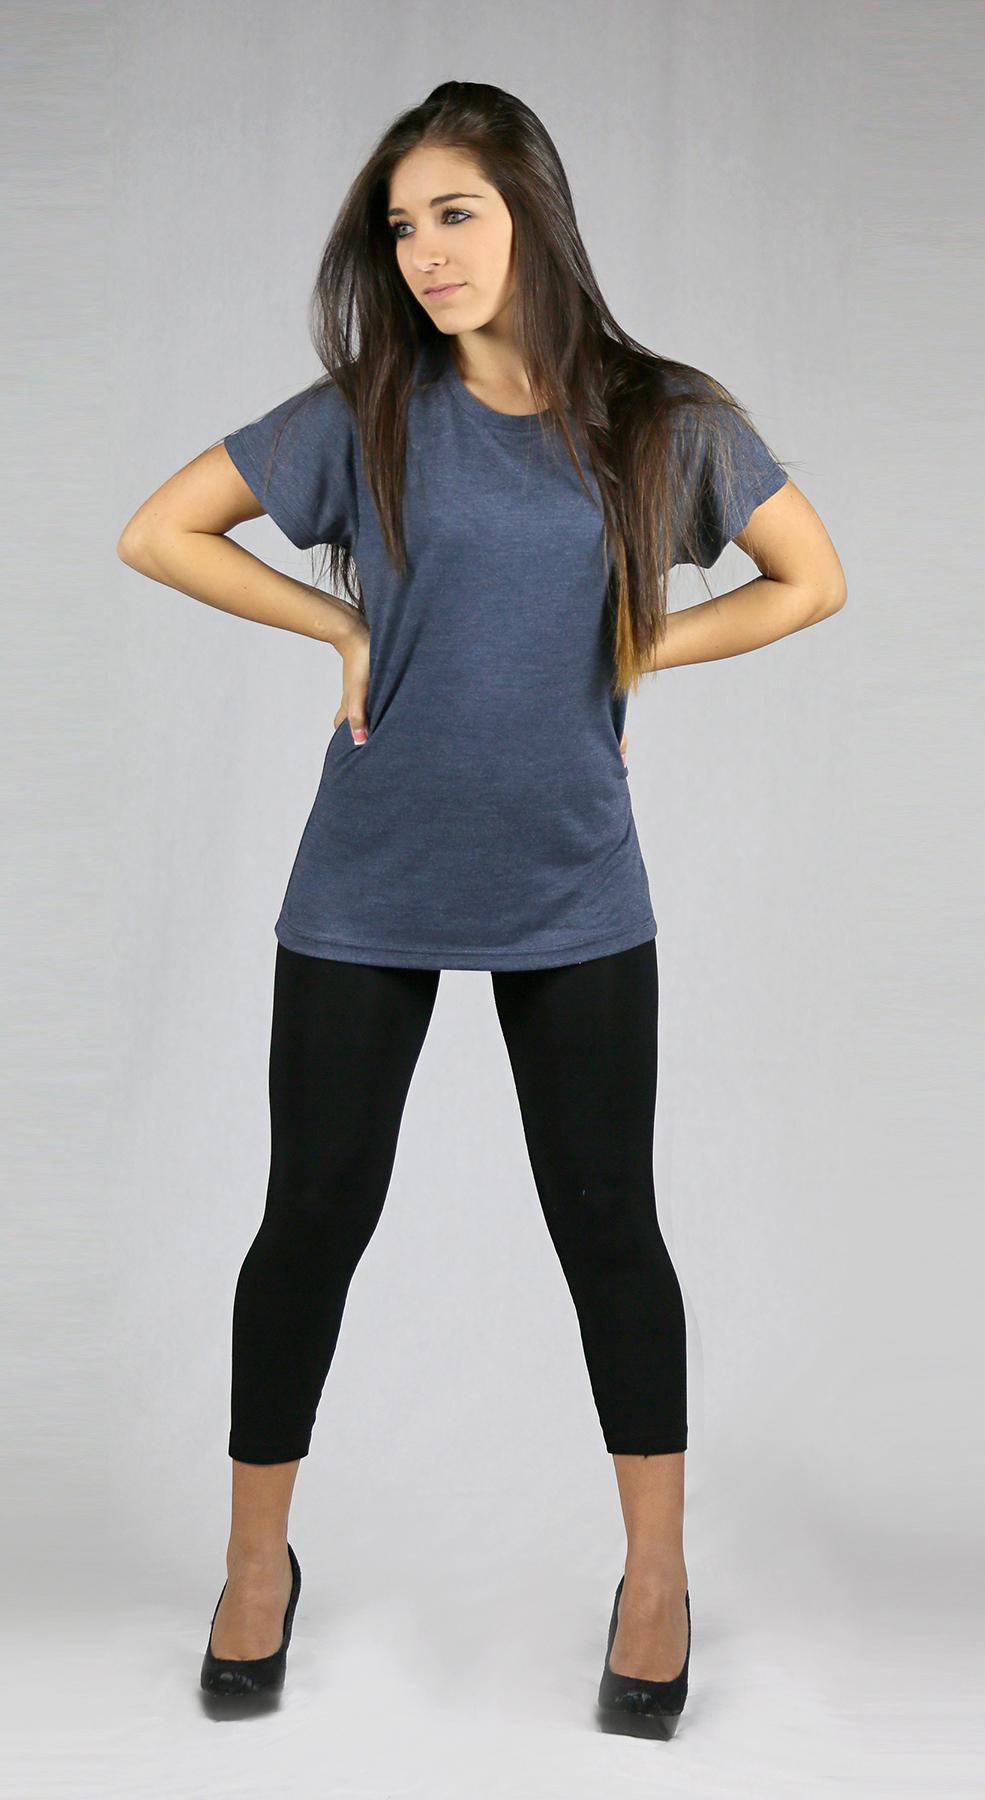 Monag 393010 - Short Sleeve Heather Crew Neck Tee